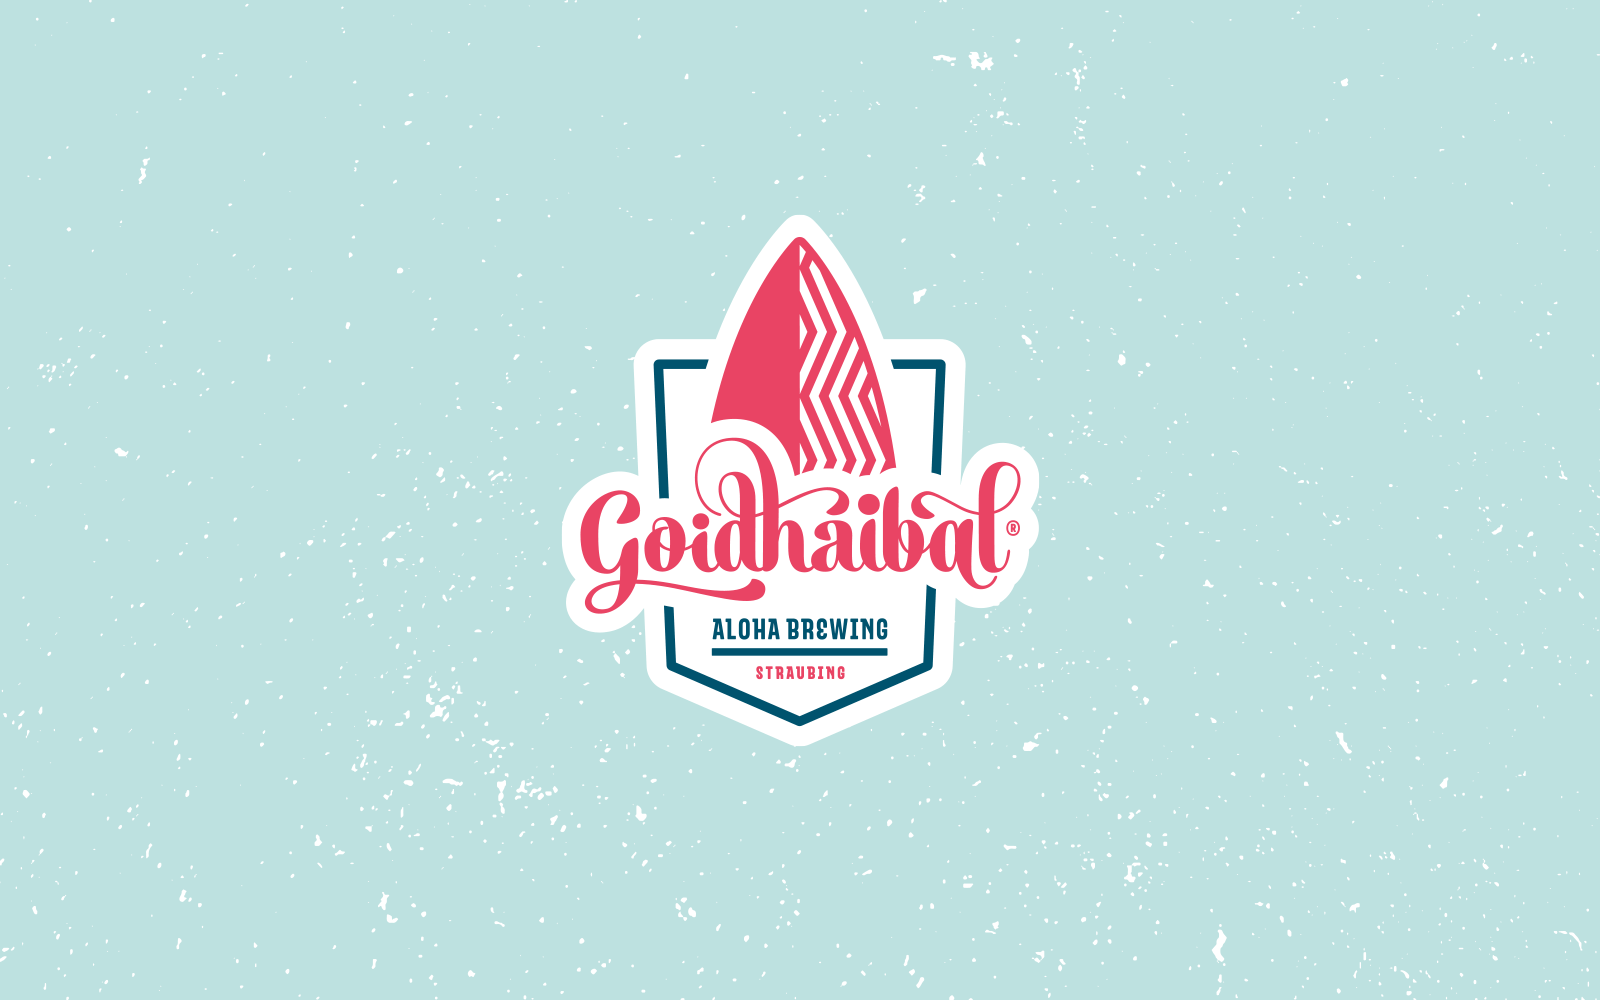 Goidhaibal® – Logo für Bieretikett